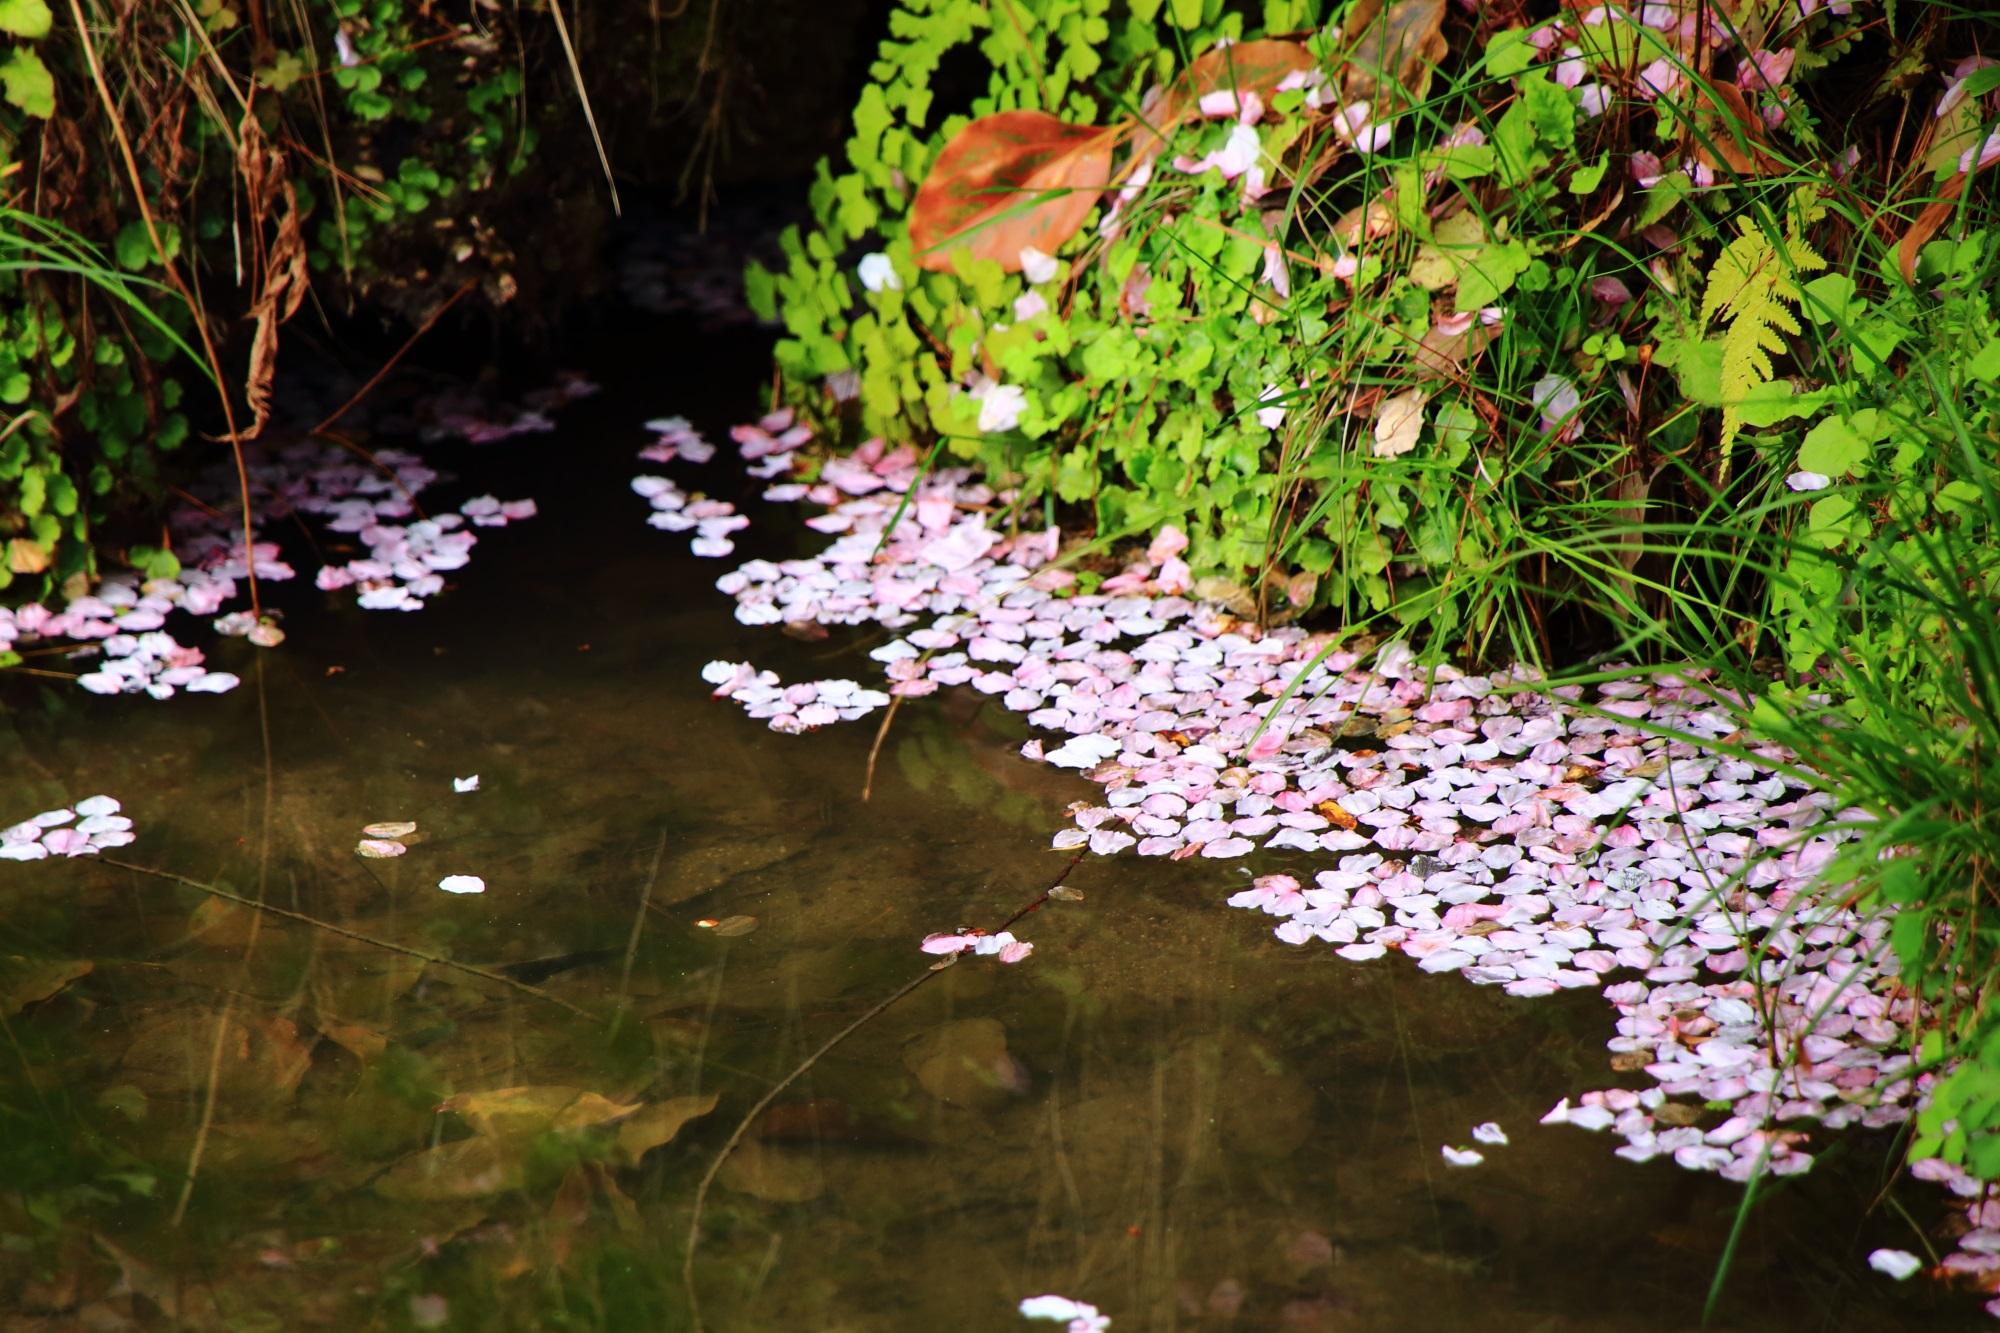 水面を彩るピンクの散り桜